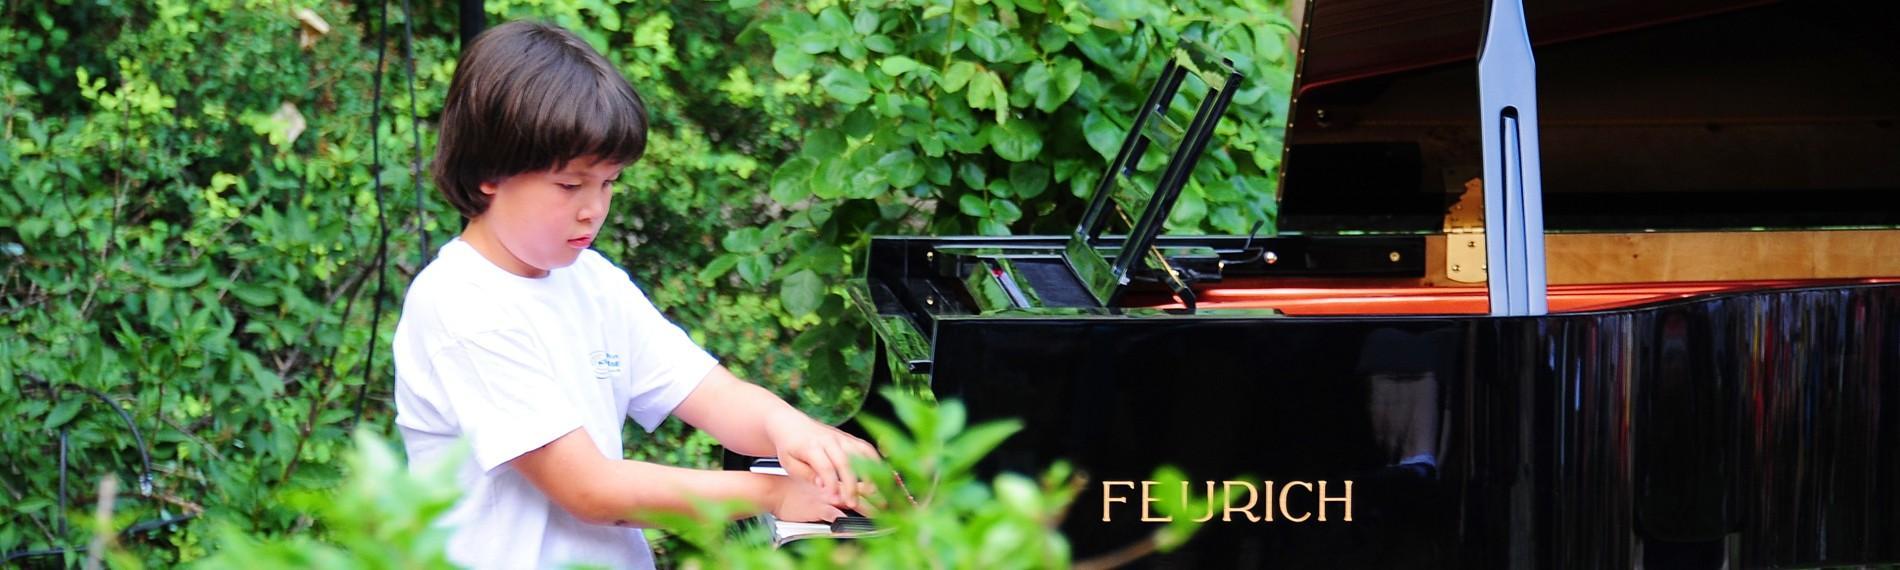 FEURICH Mod. 218 - Concert I, Ennio Kenyon Garden Concert